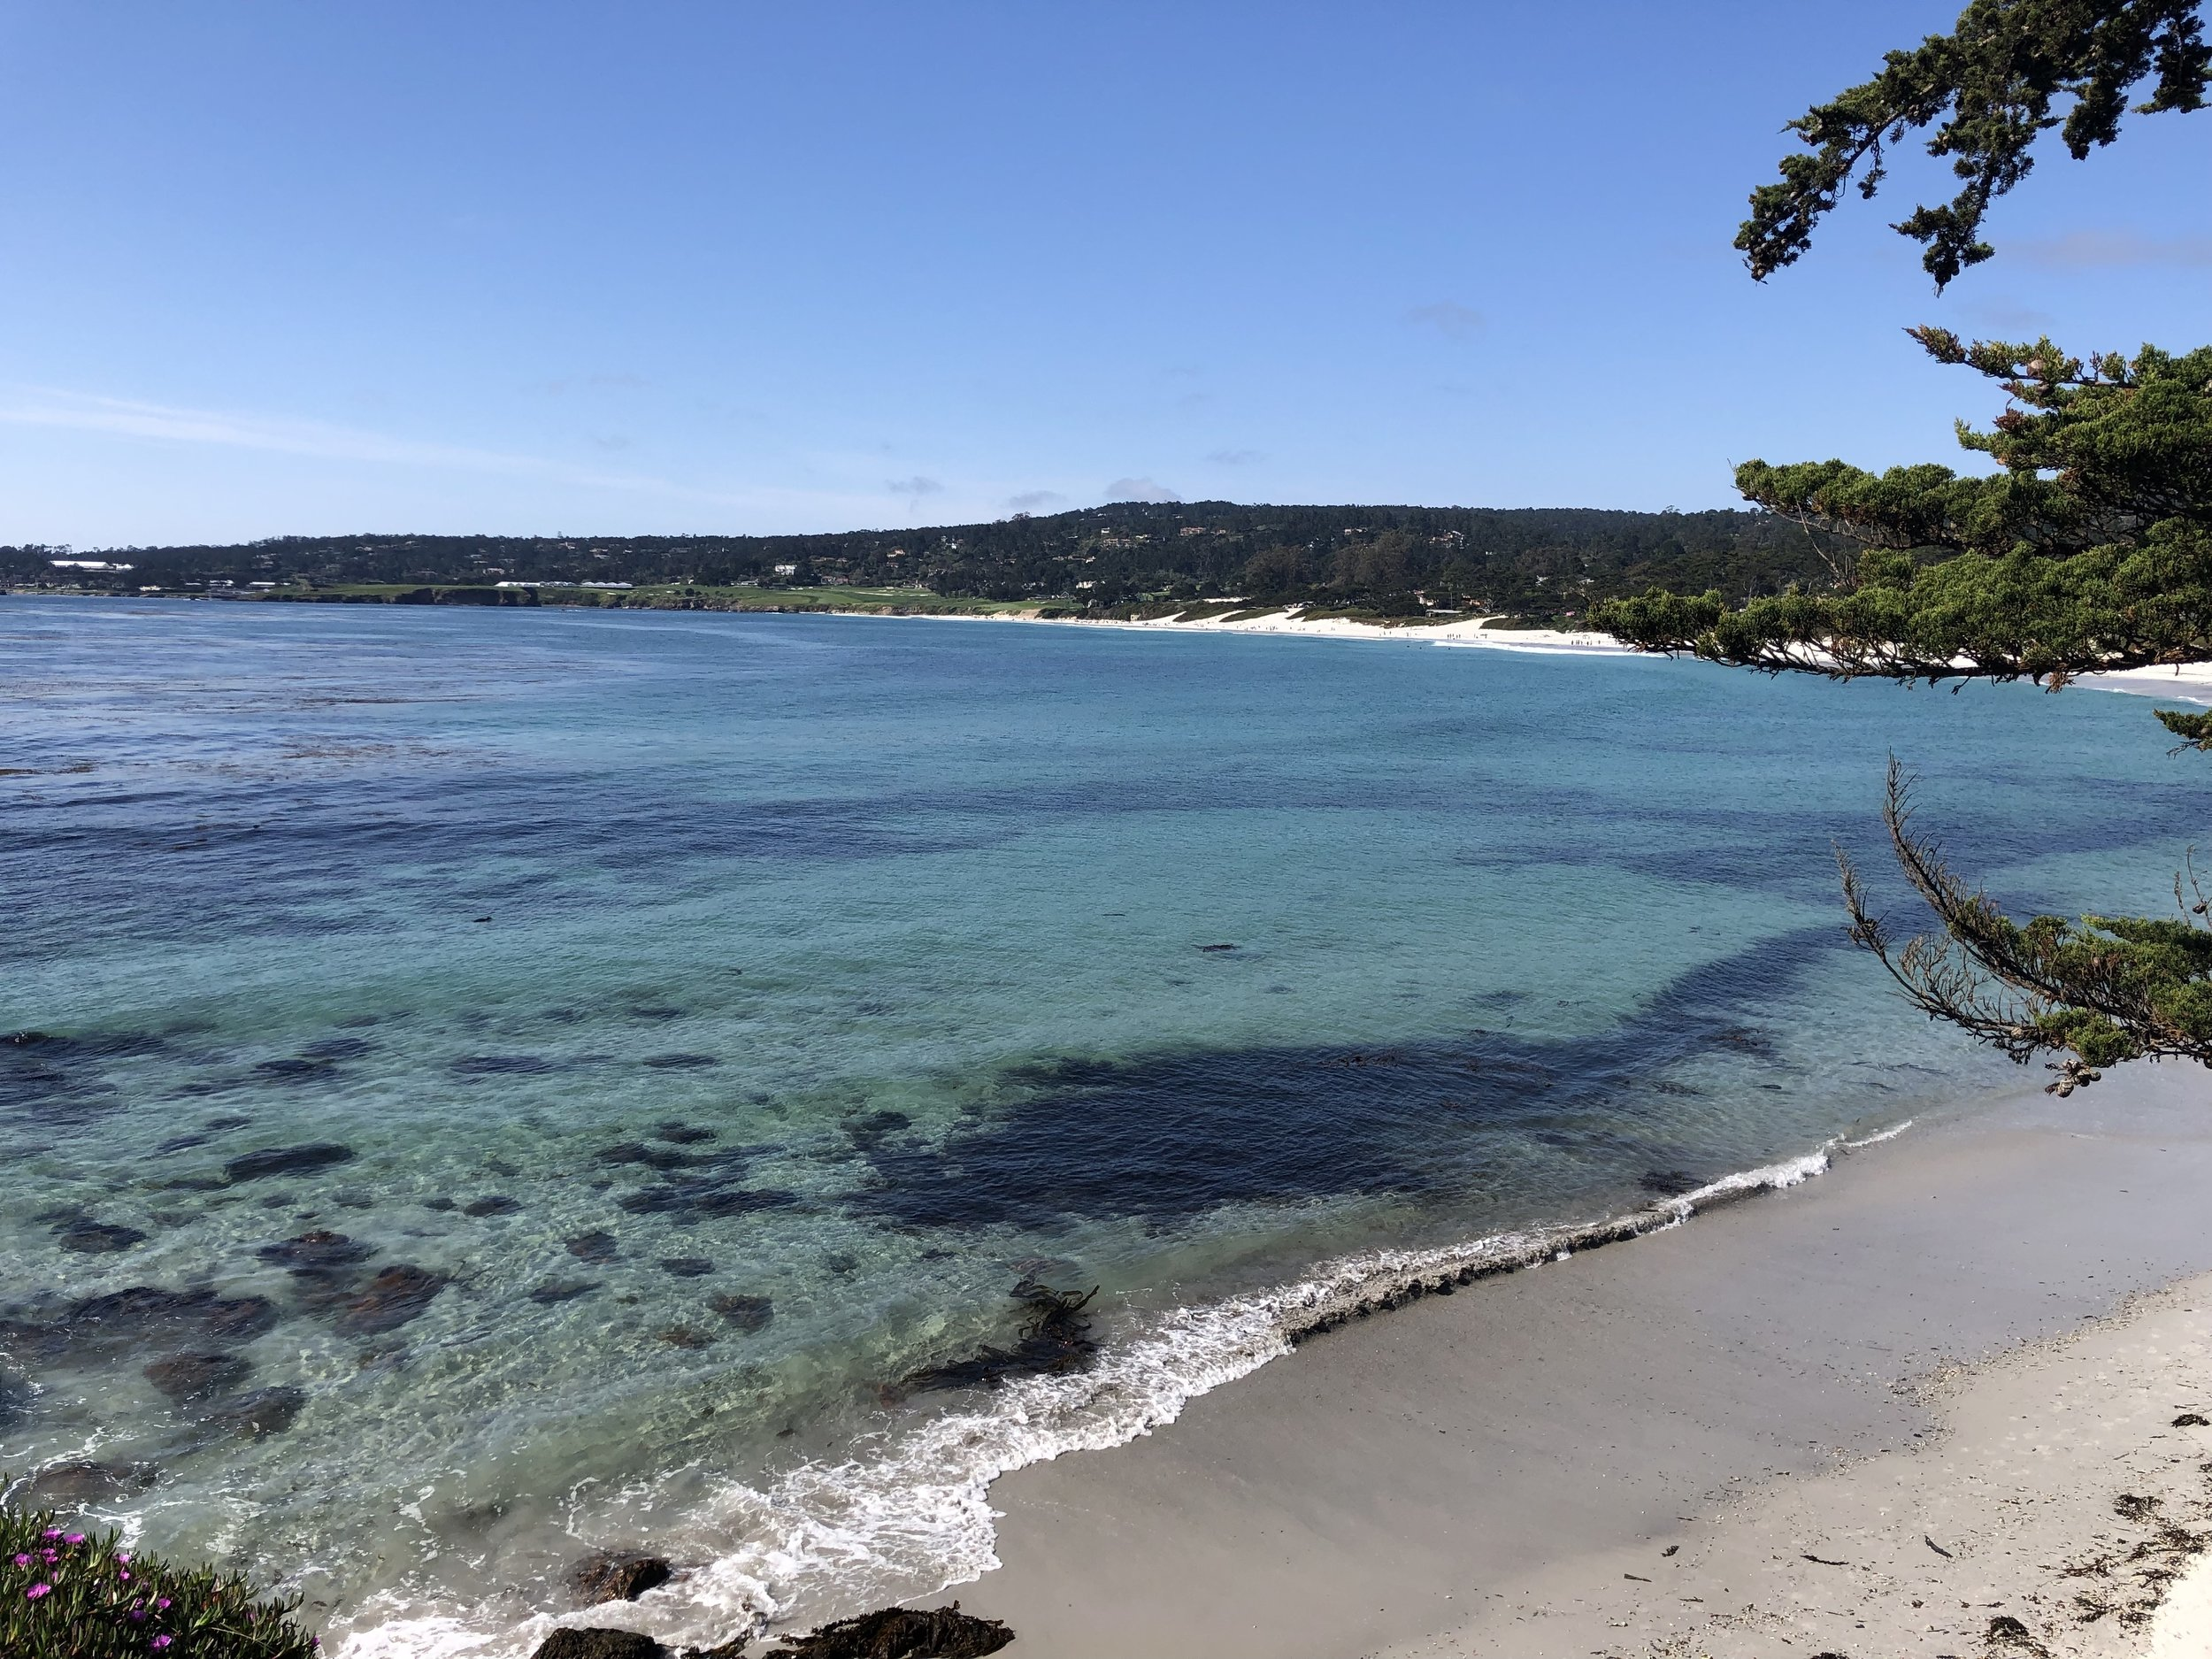 Beach at Carmel